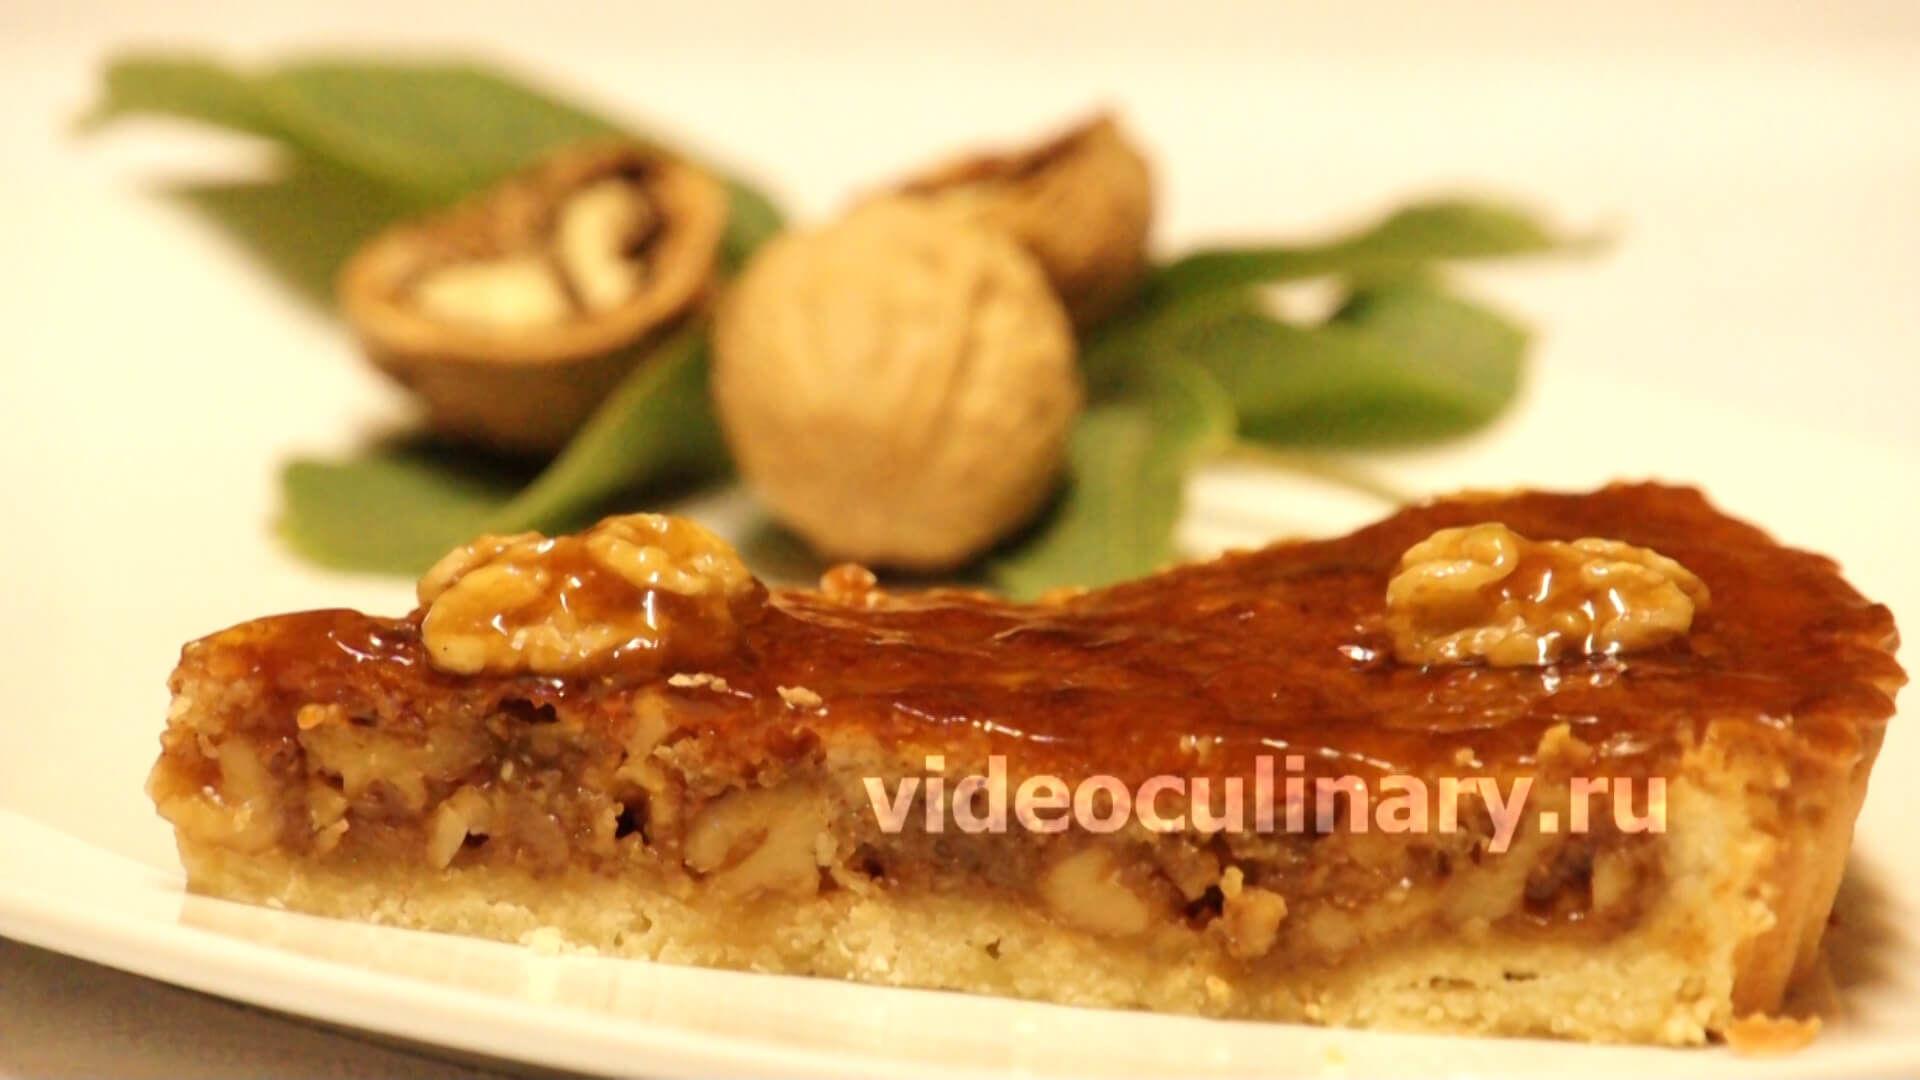 Тарт с орехами и карамелью